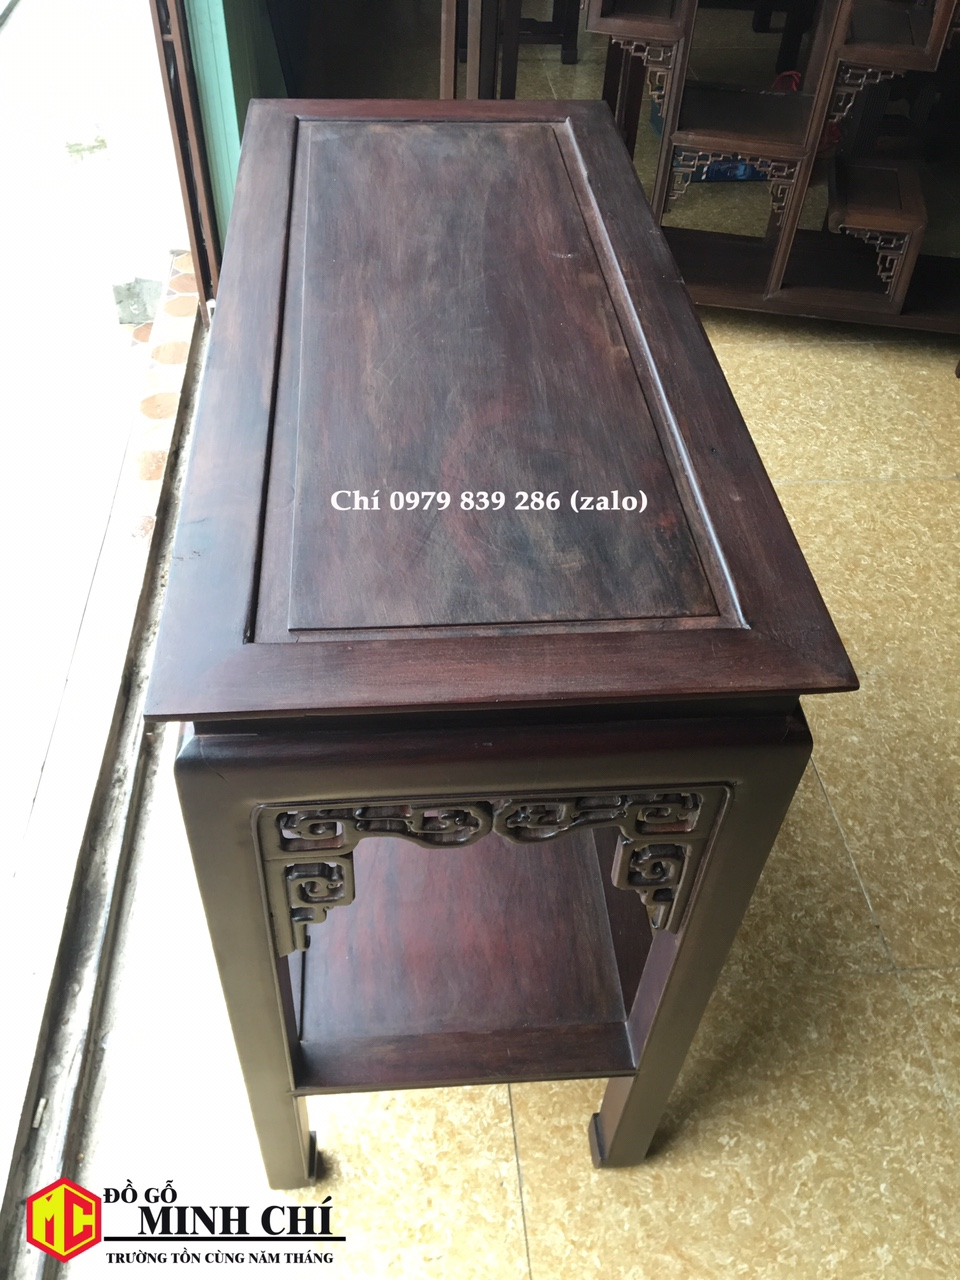 bàn gỗ bầy đồ 6